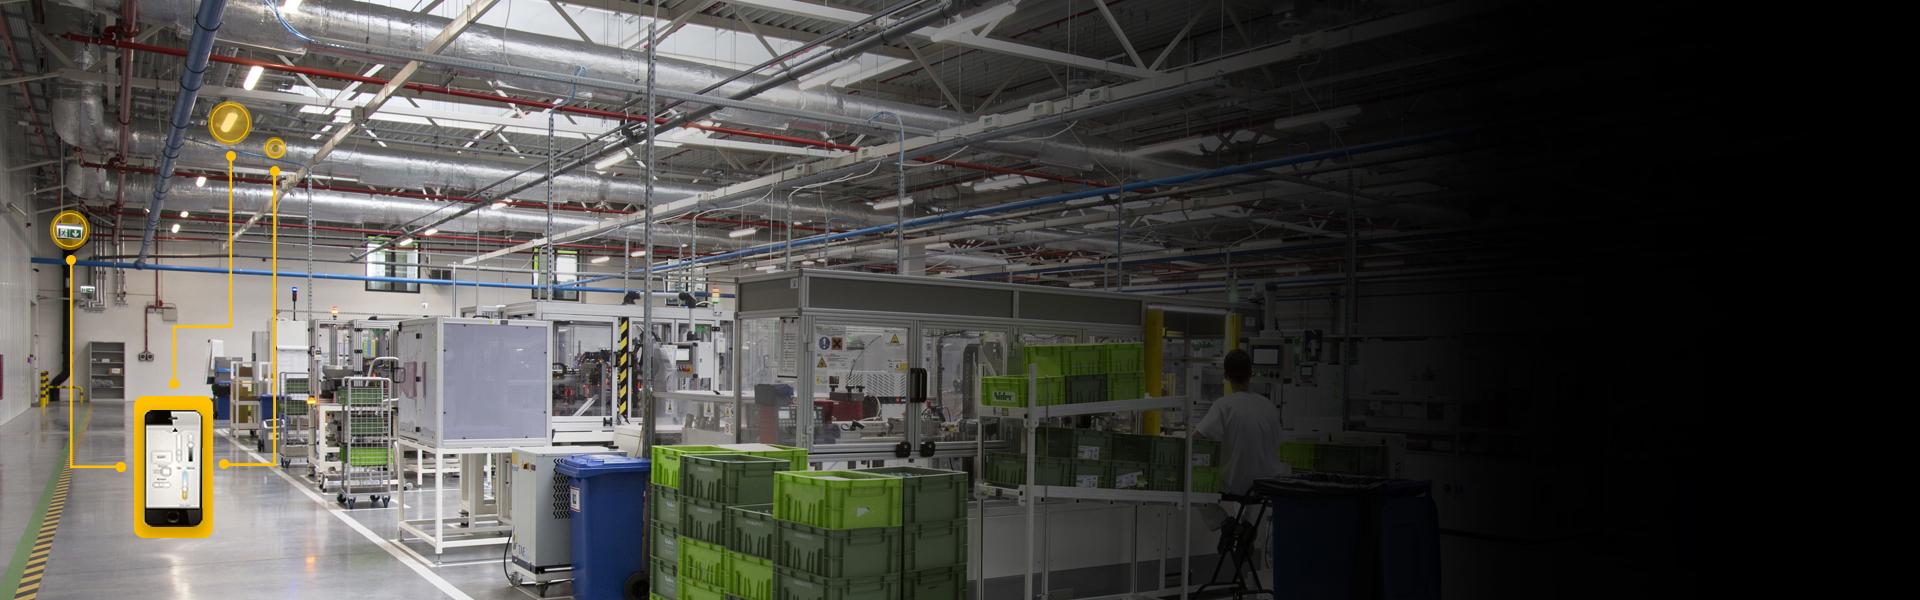 Inteligentne Systemy Zarządzania Oświetleniem